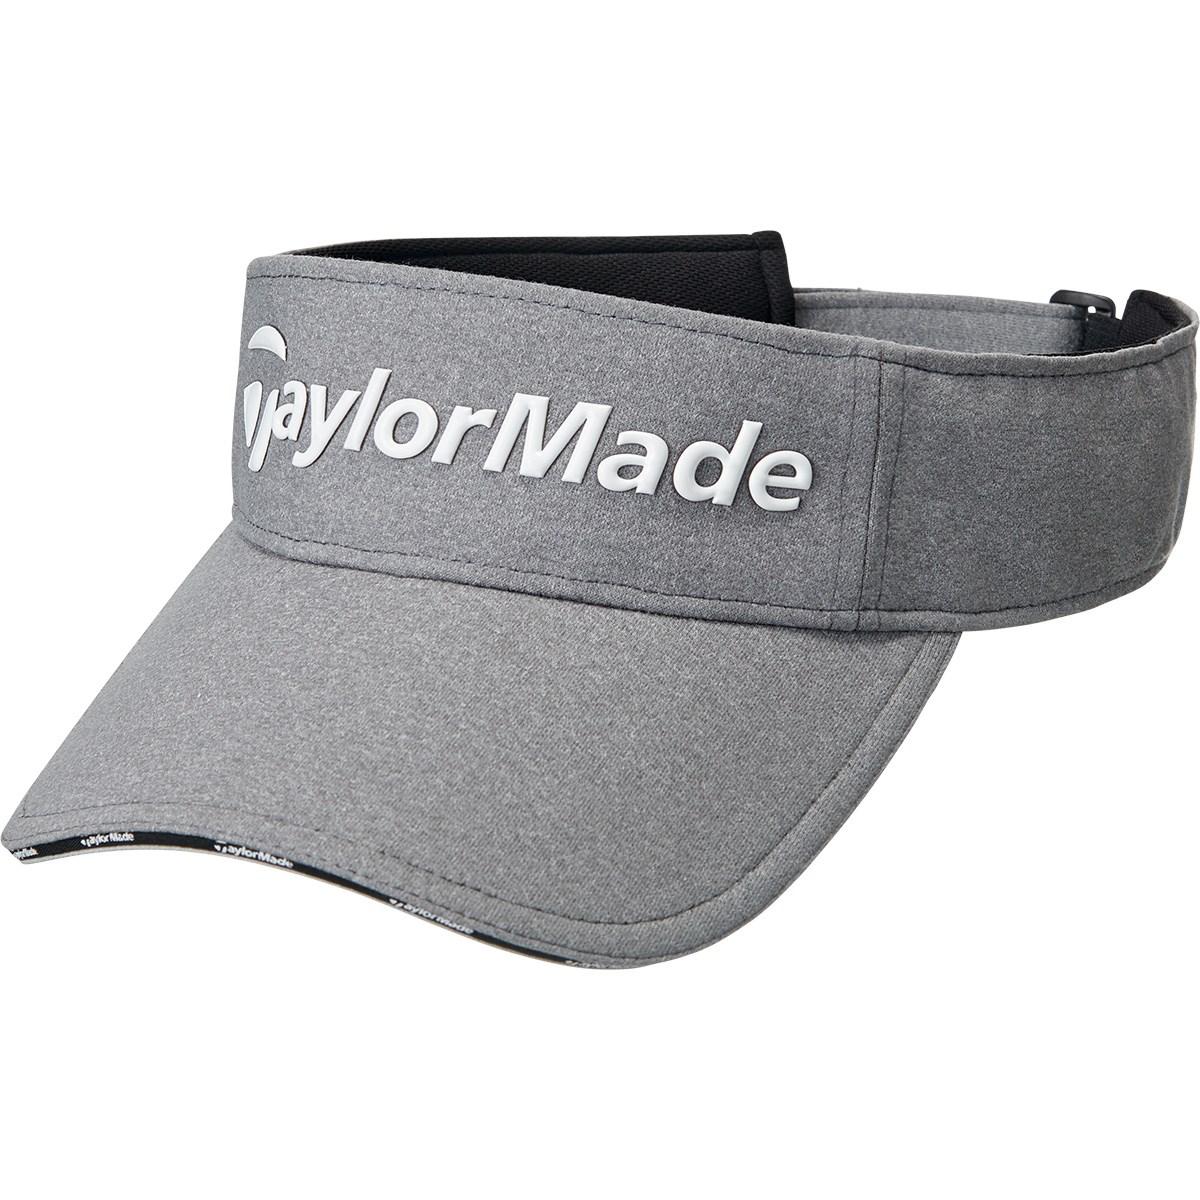 テーラーメイド(Taylor Made) シーズナル サンバイザー